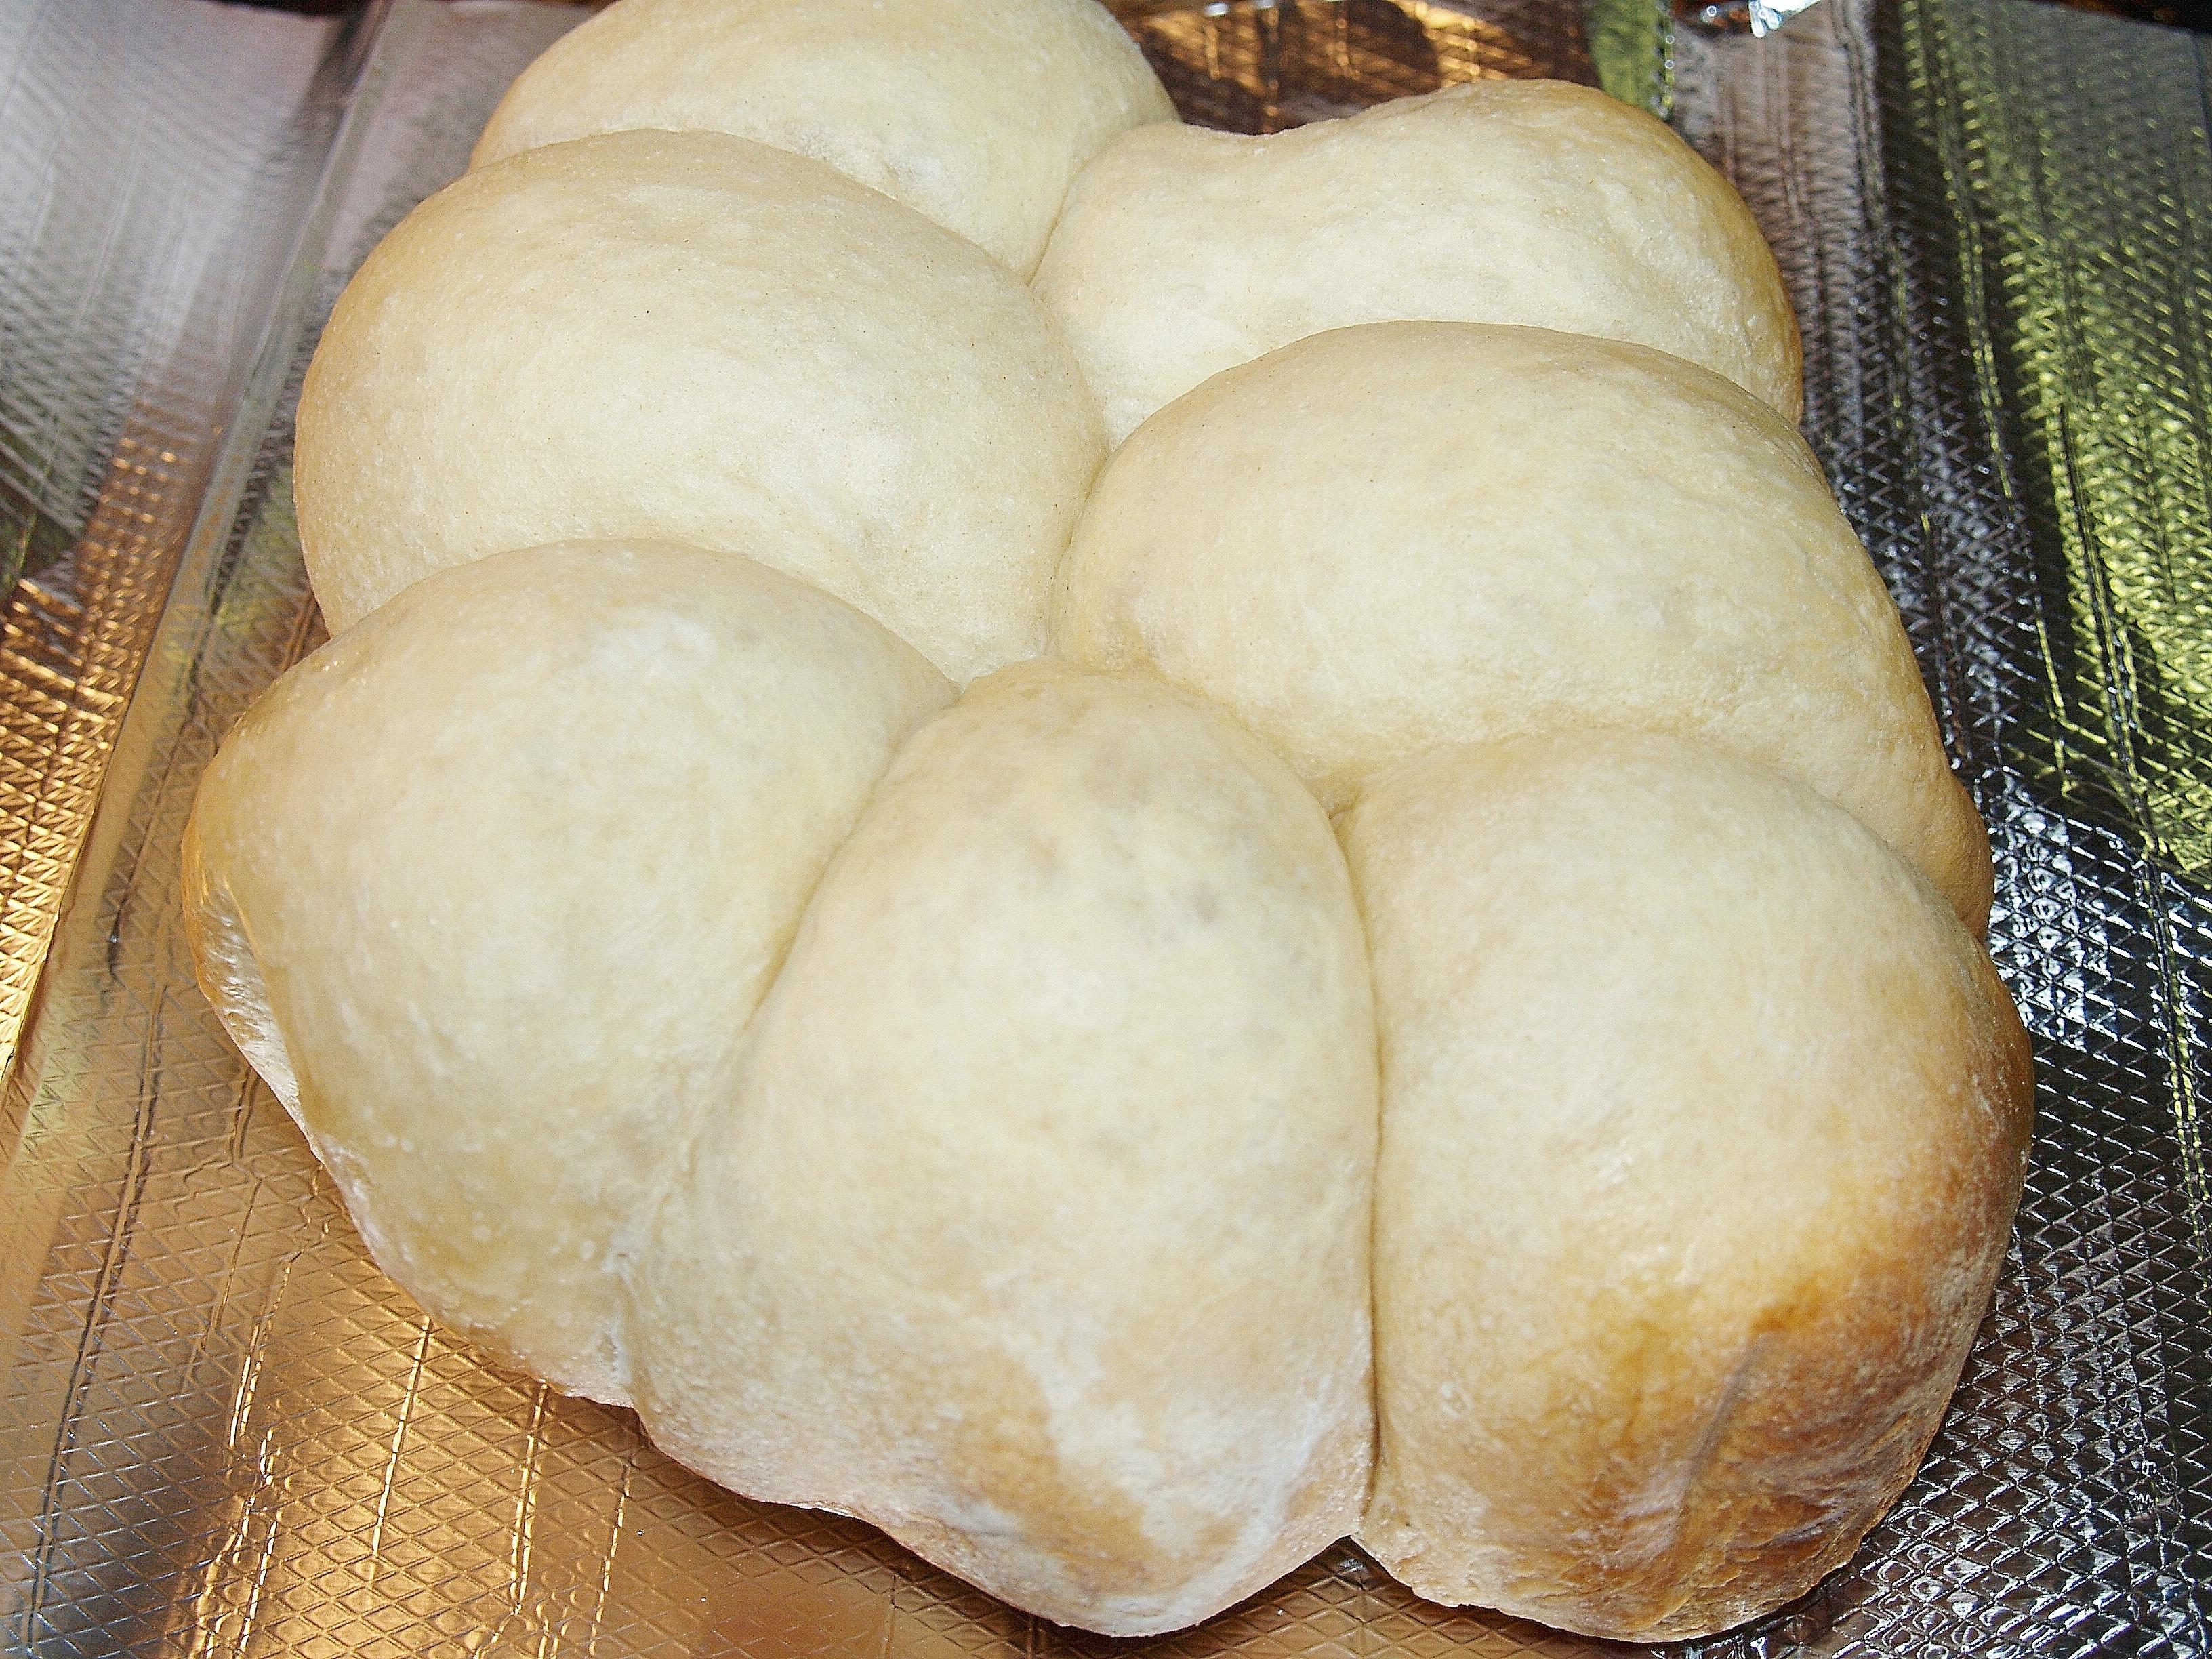 Crock Pot Hot Rolls from Kelli's Kitchen